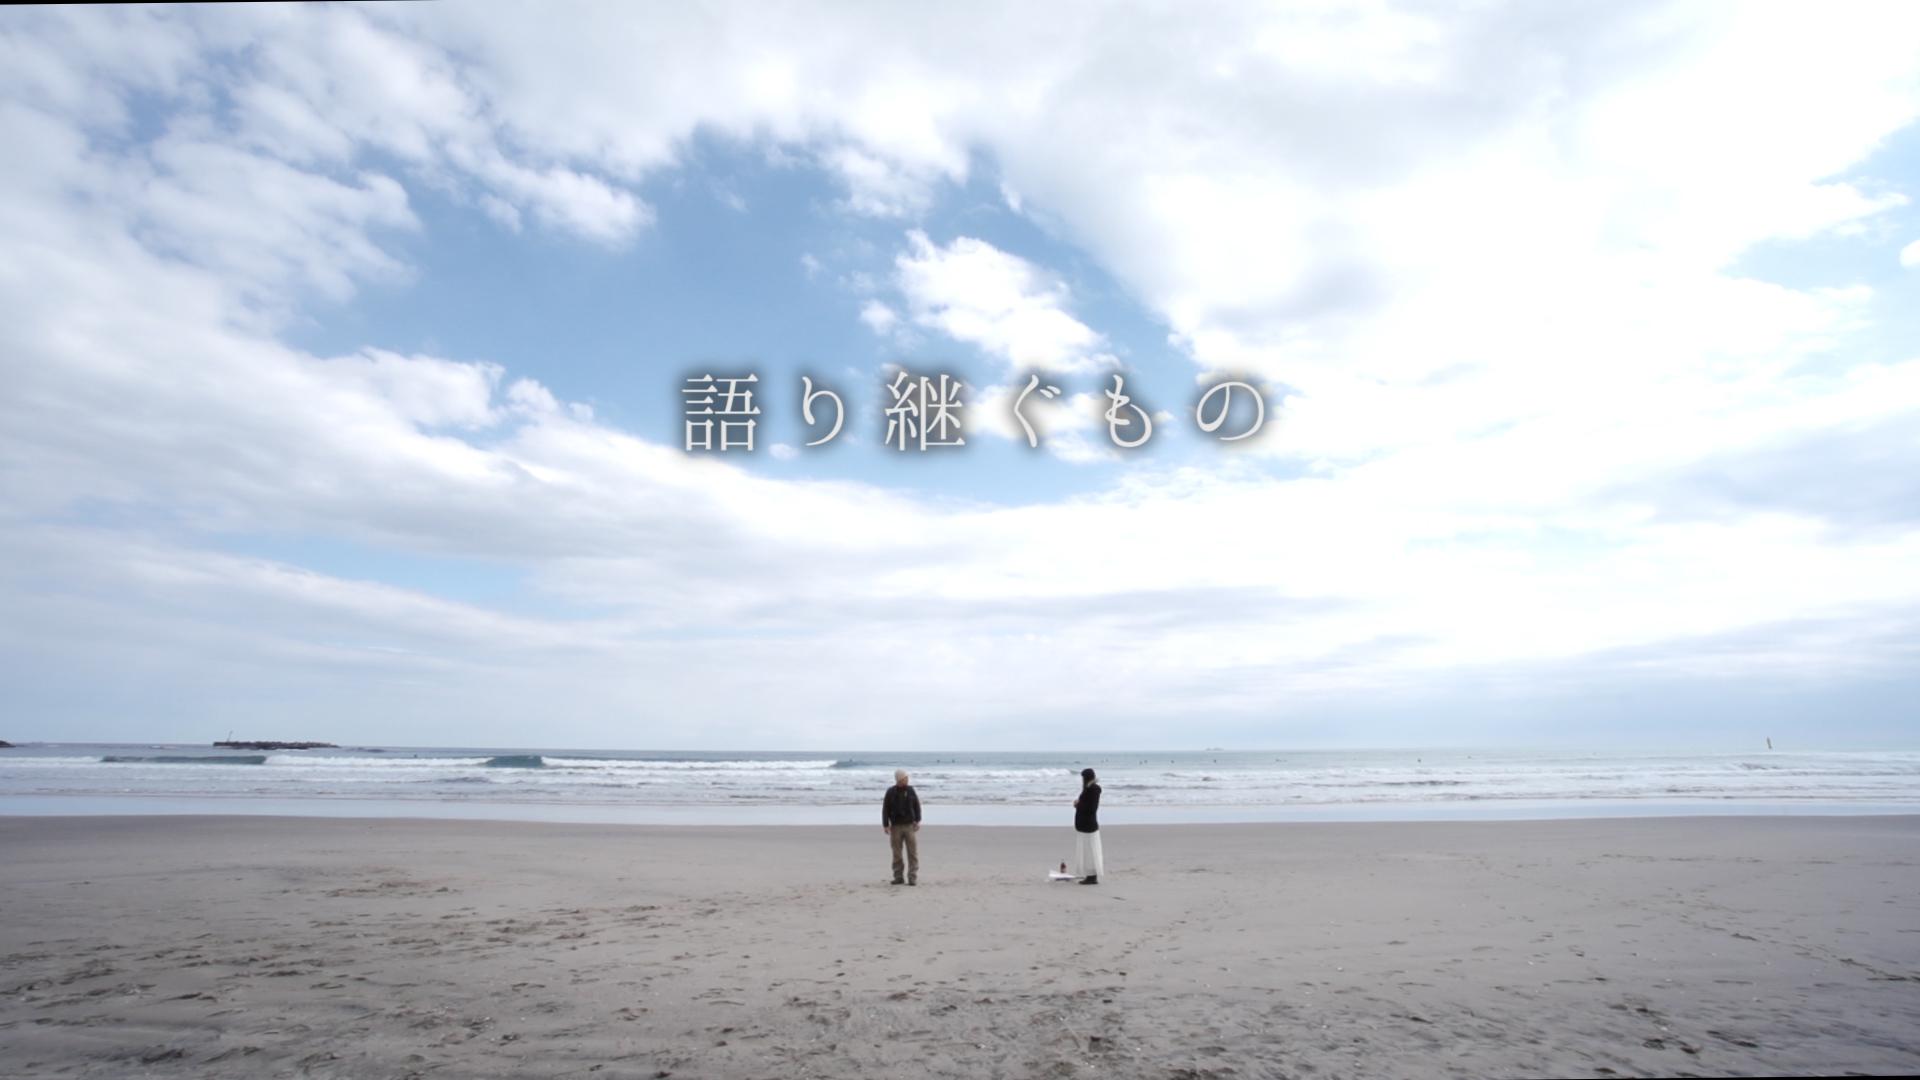 サンシャインTV特別番組『語り継ぐもの』